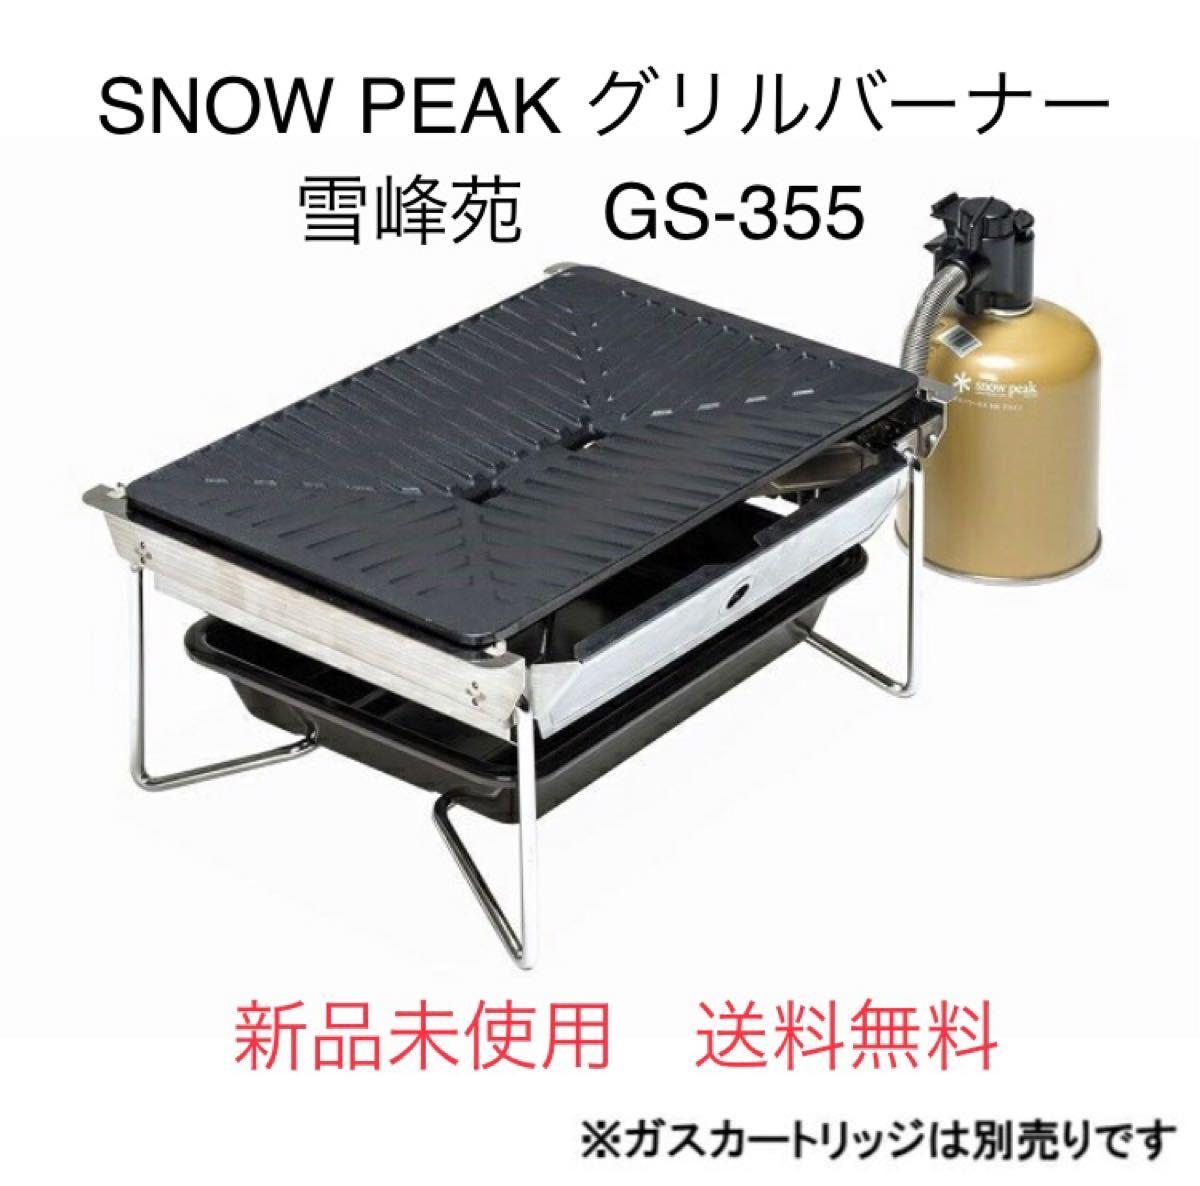 スノーピーク グリルバーナー 雪峰苑 (GS-355) キャンプ シングルコンロ snow peak